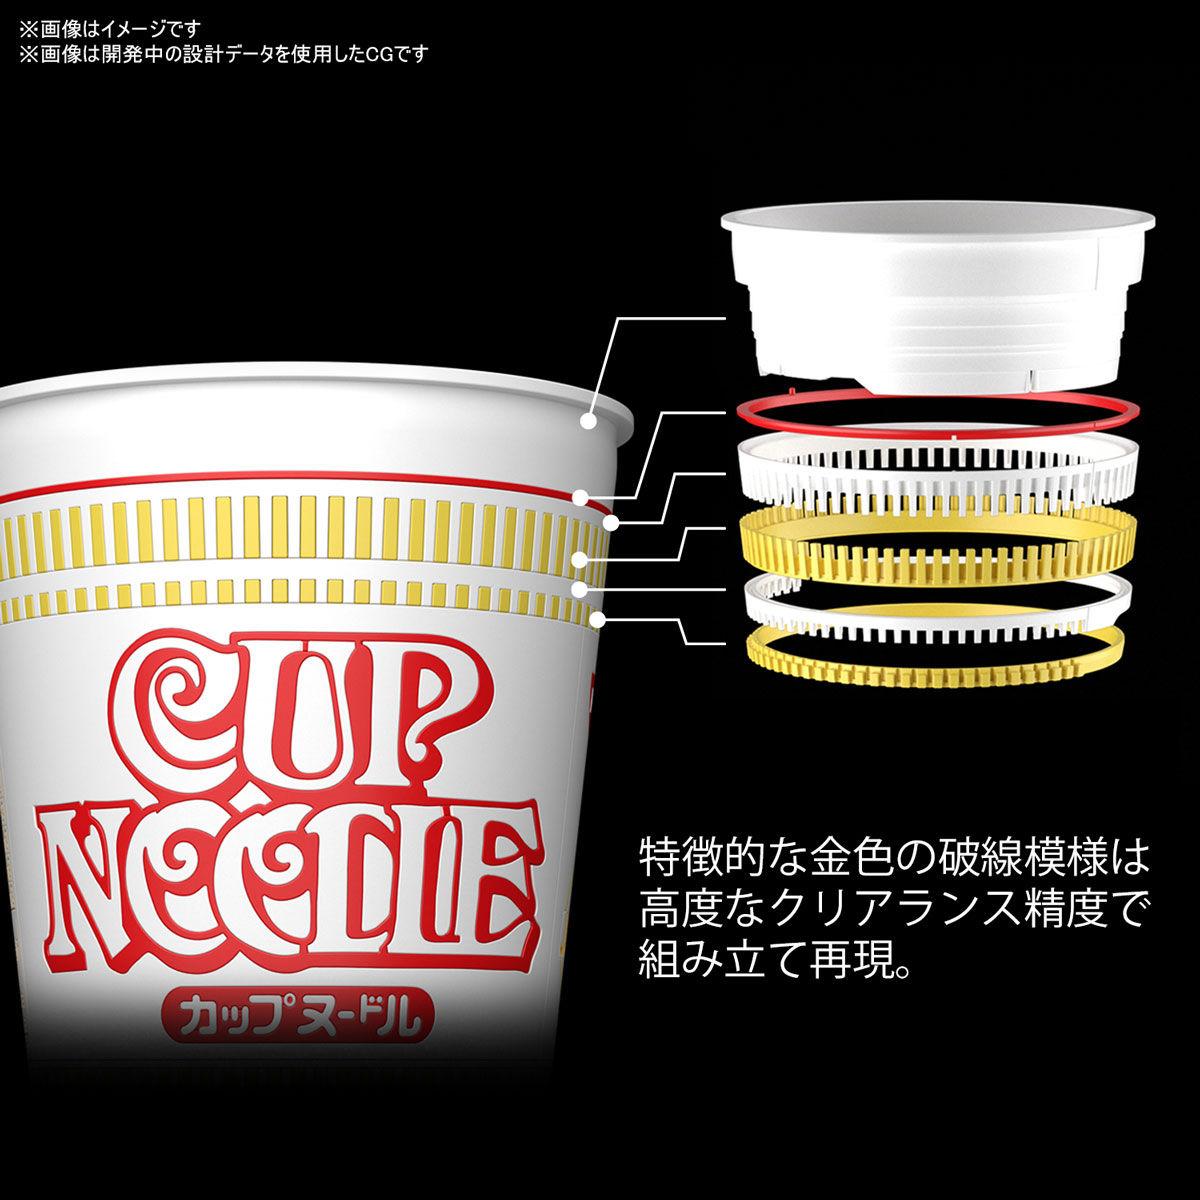 BEST HIT CHRONICLE『カップヌードル』1/1 プラモデル-006